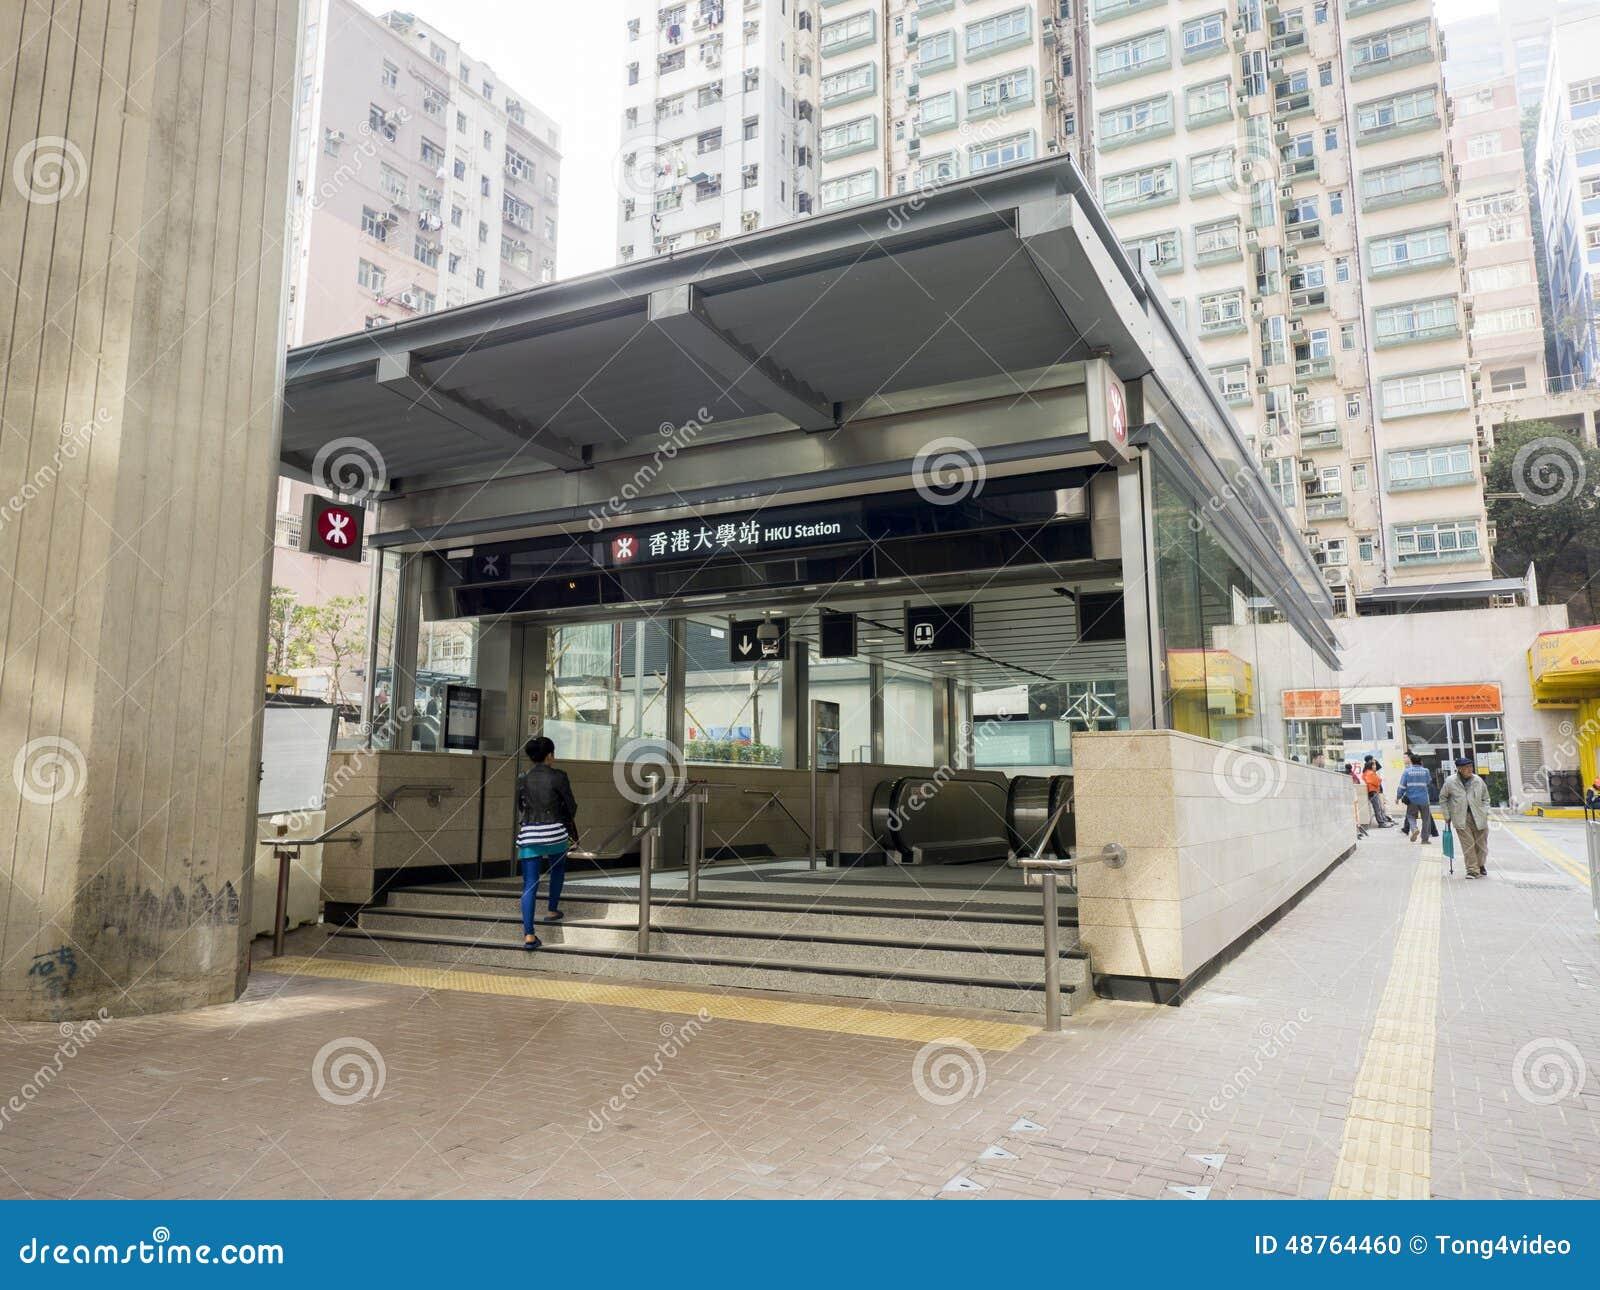 Web Designs Hong Kong